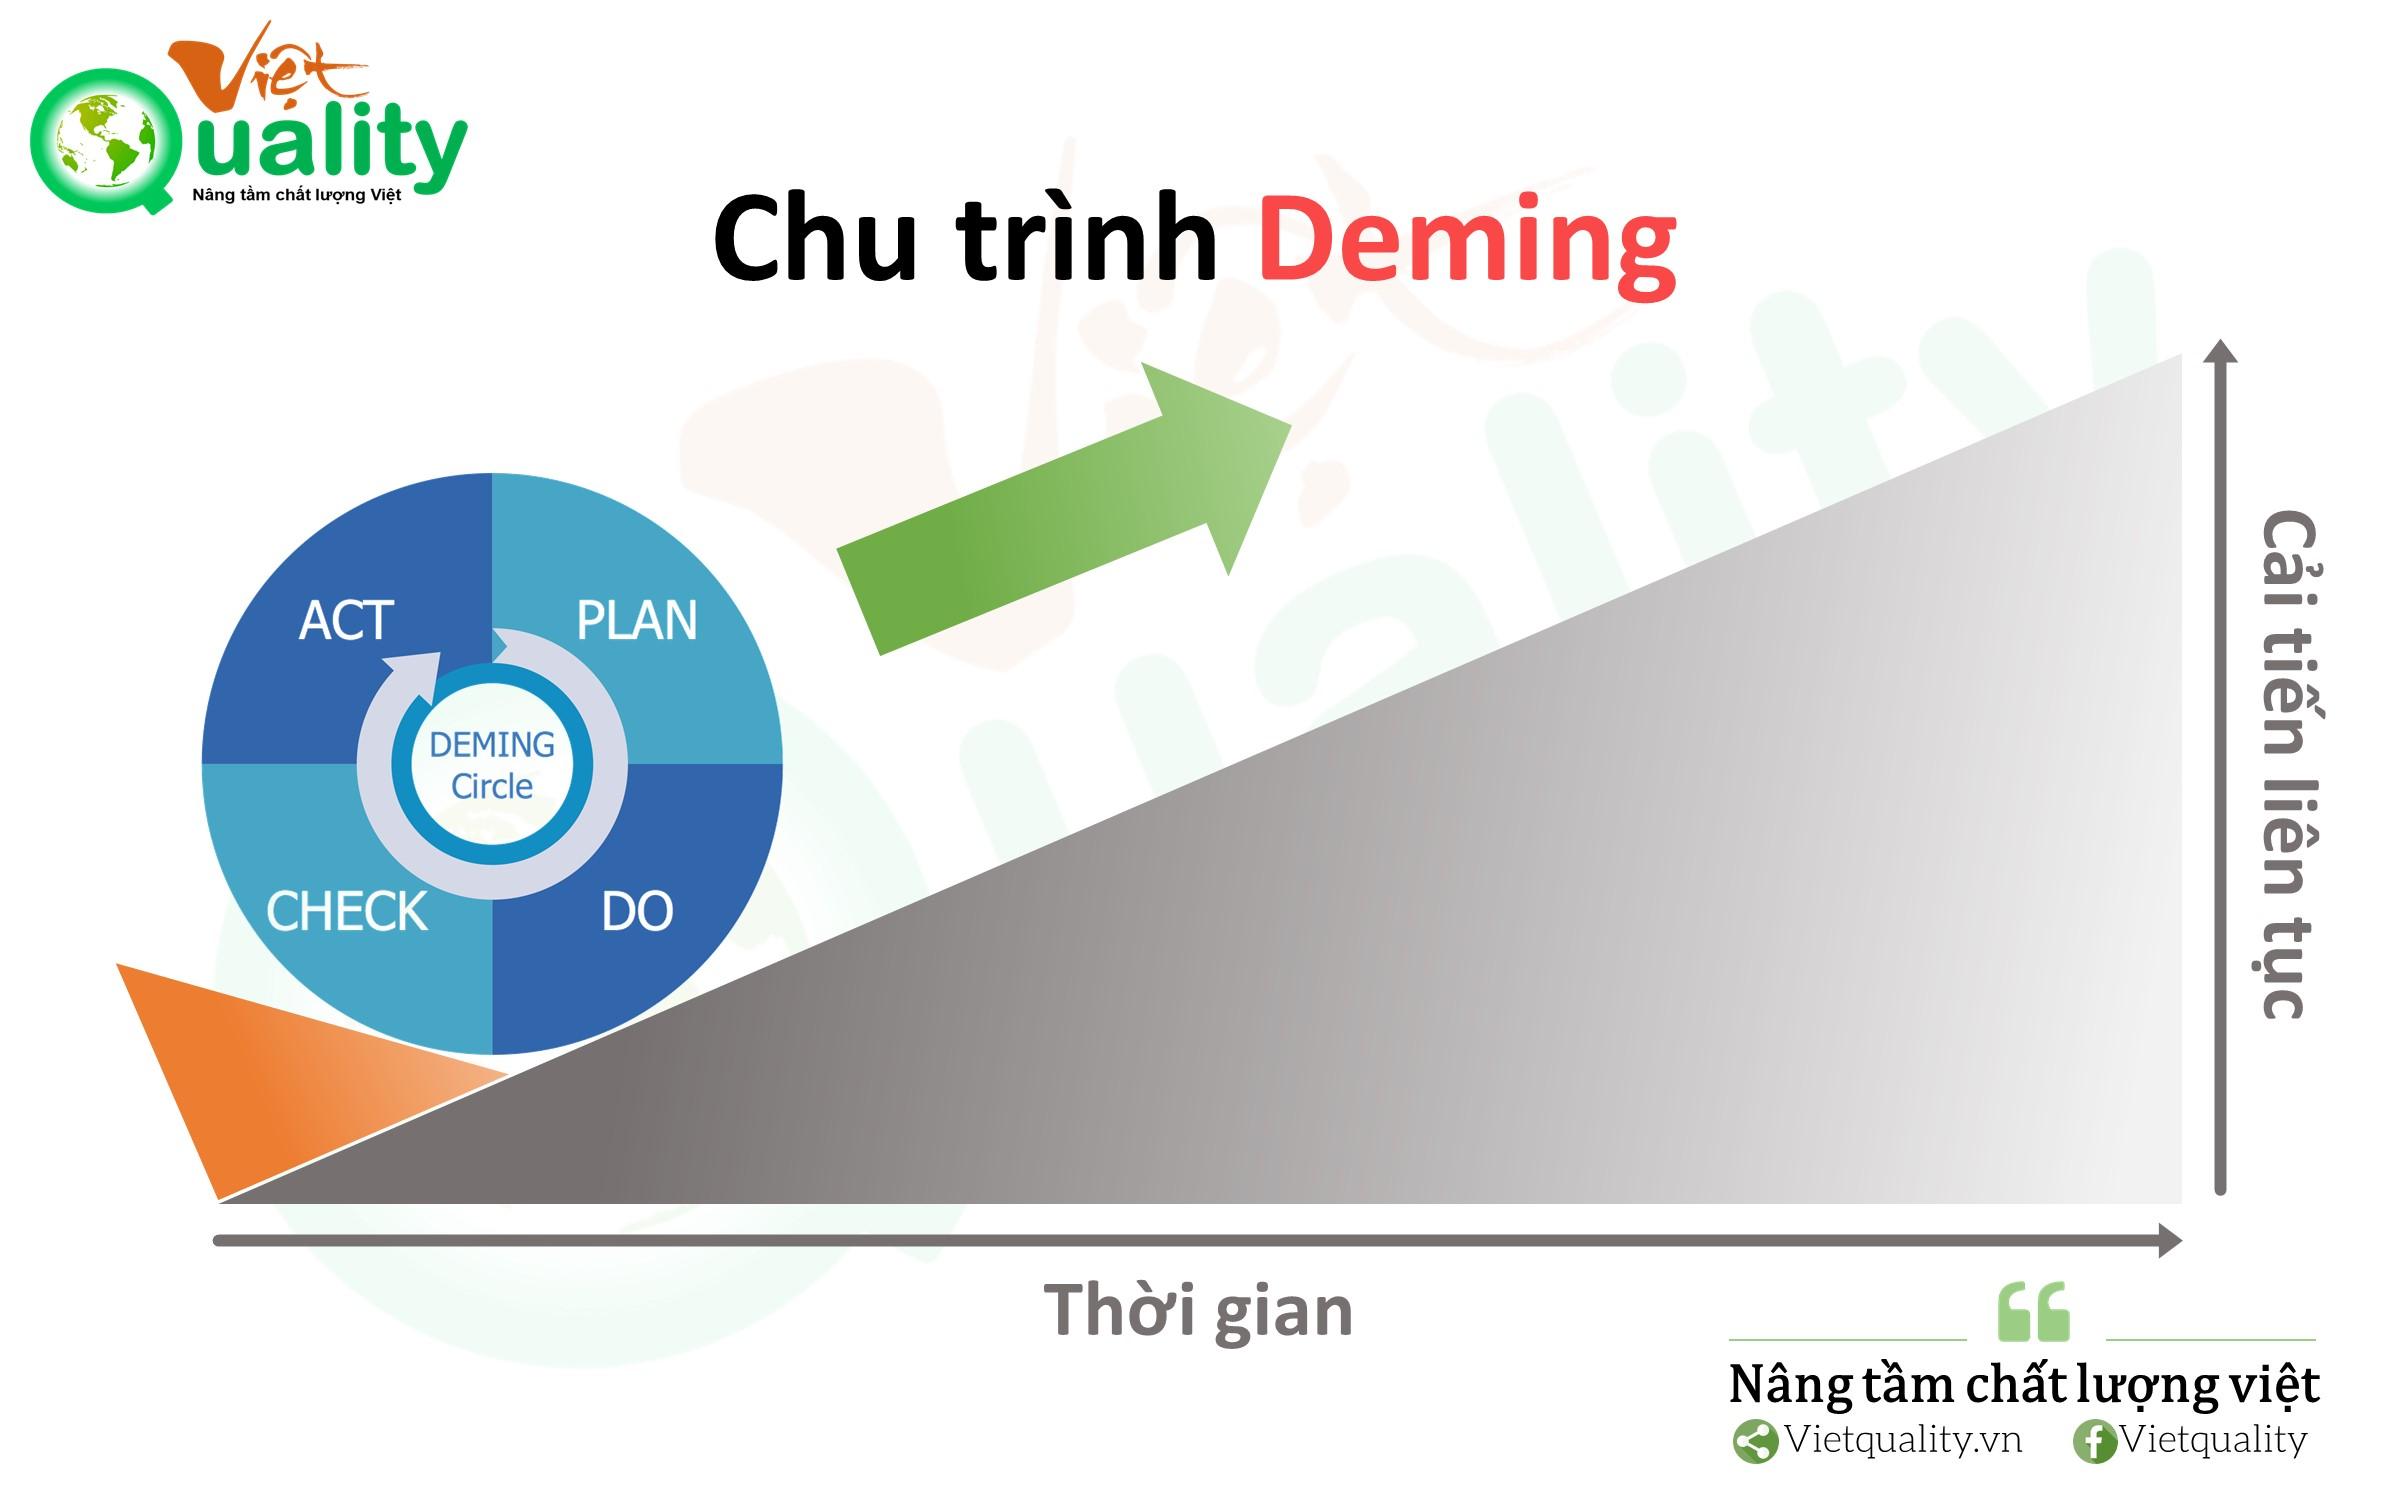 Chu trình Deming